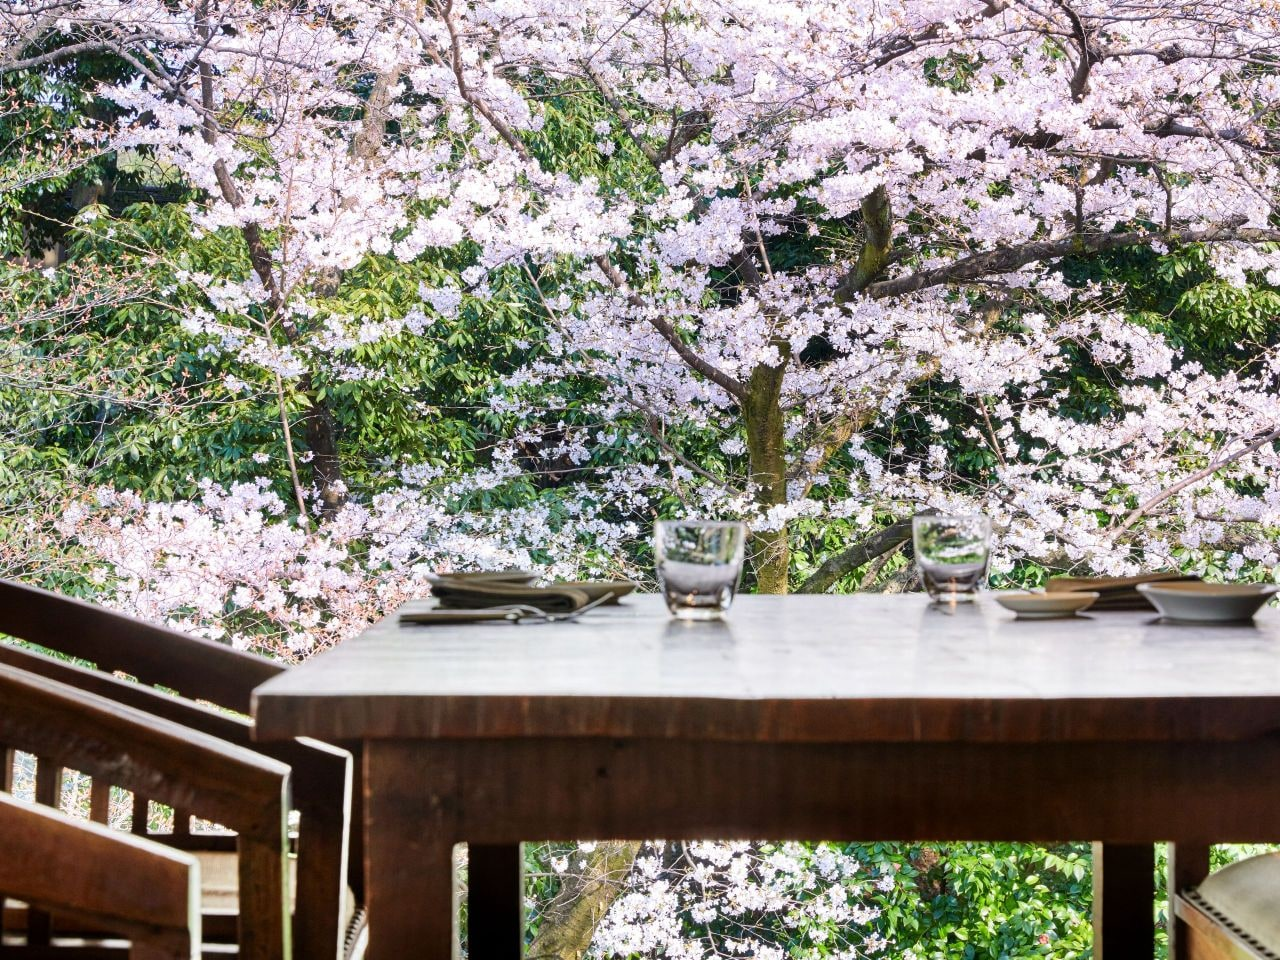 Trattoria Sette Sakura View Table